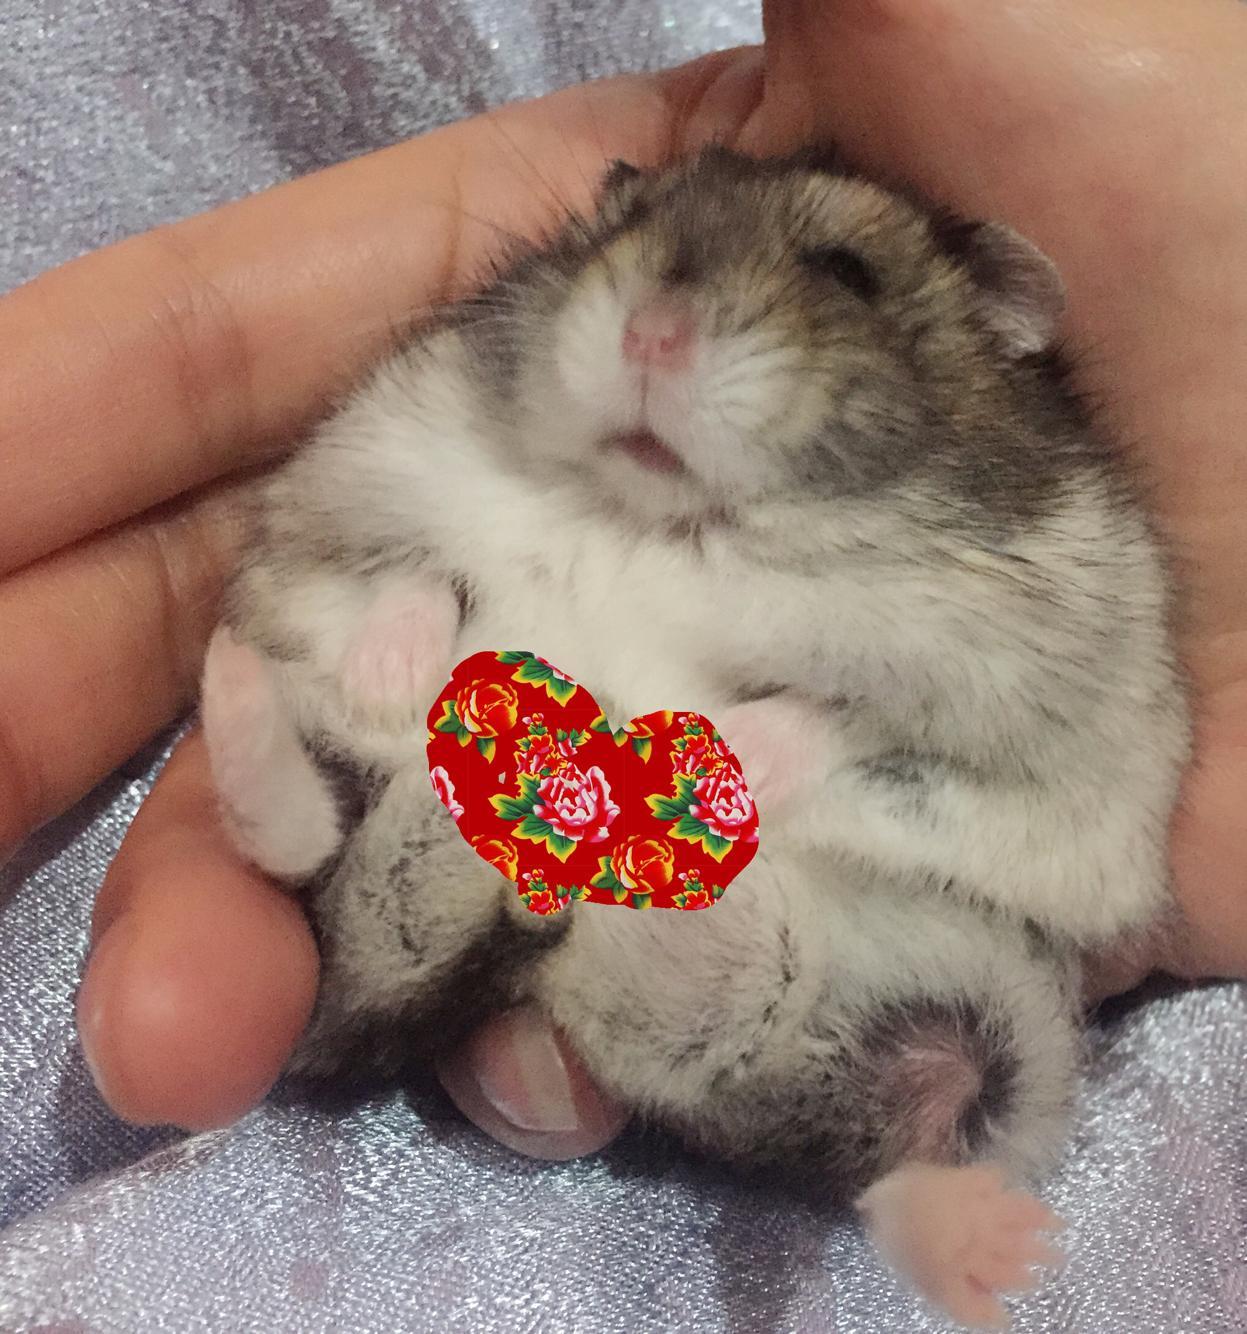 我家的小仓鼠今天称了下体重有70g,是不是超重了呢?